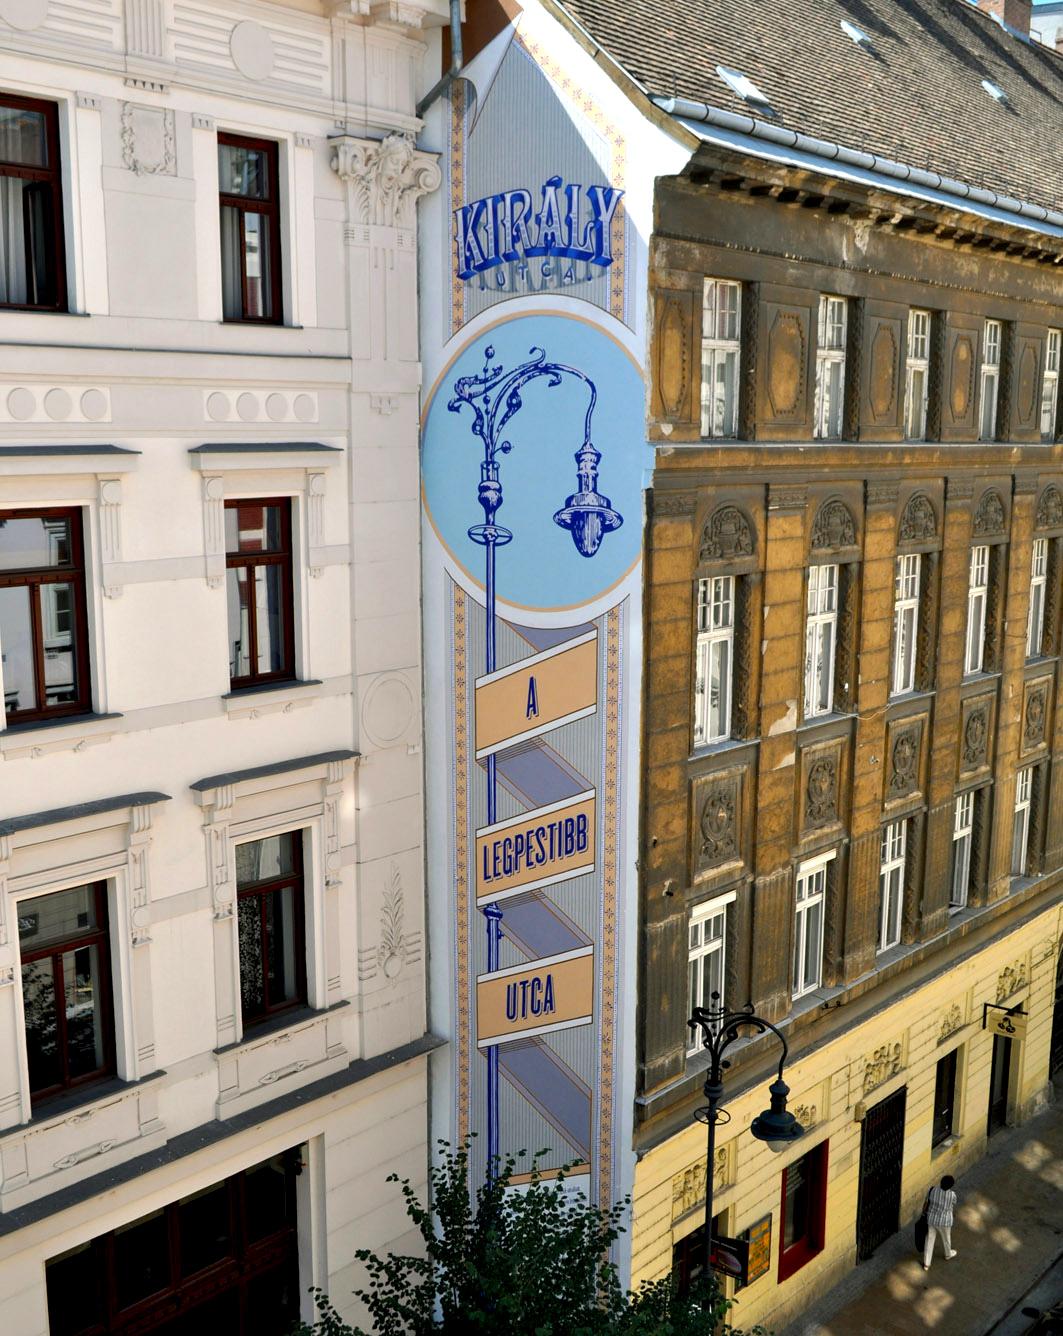 neopaint works - tűzfalfestmény - dekorációs falfestés - épület díszítőfestés